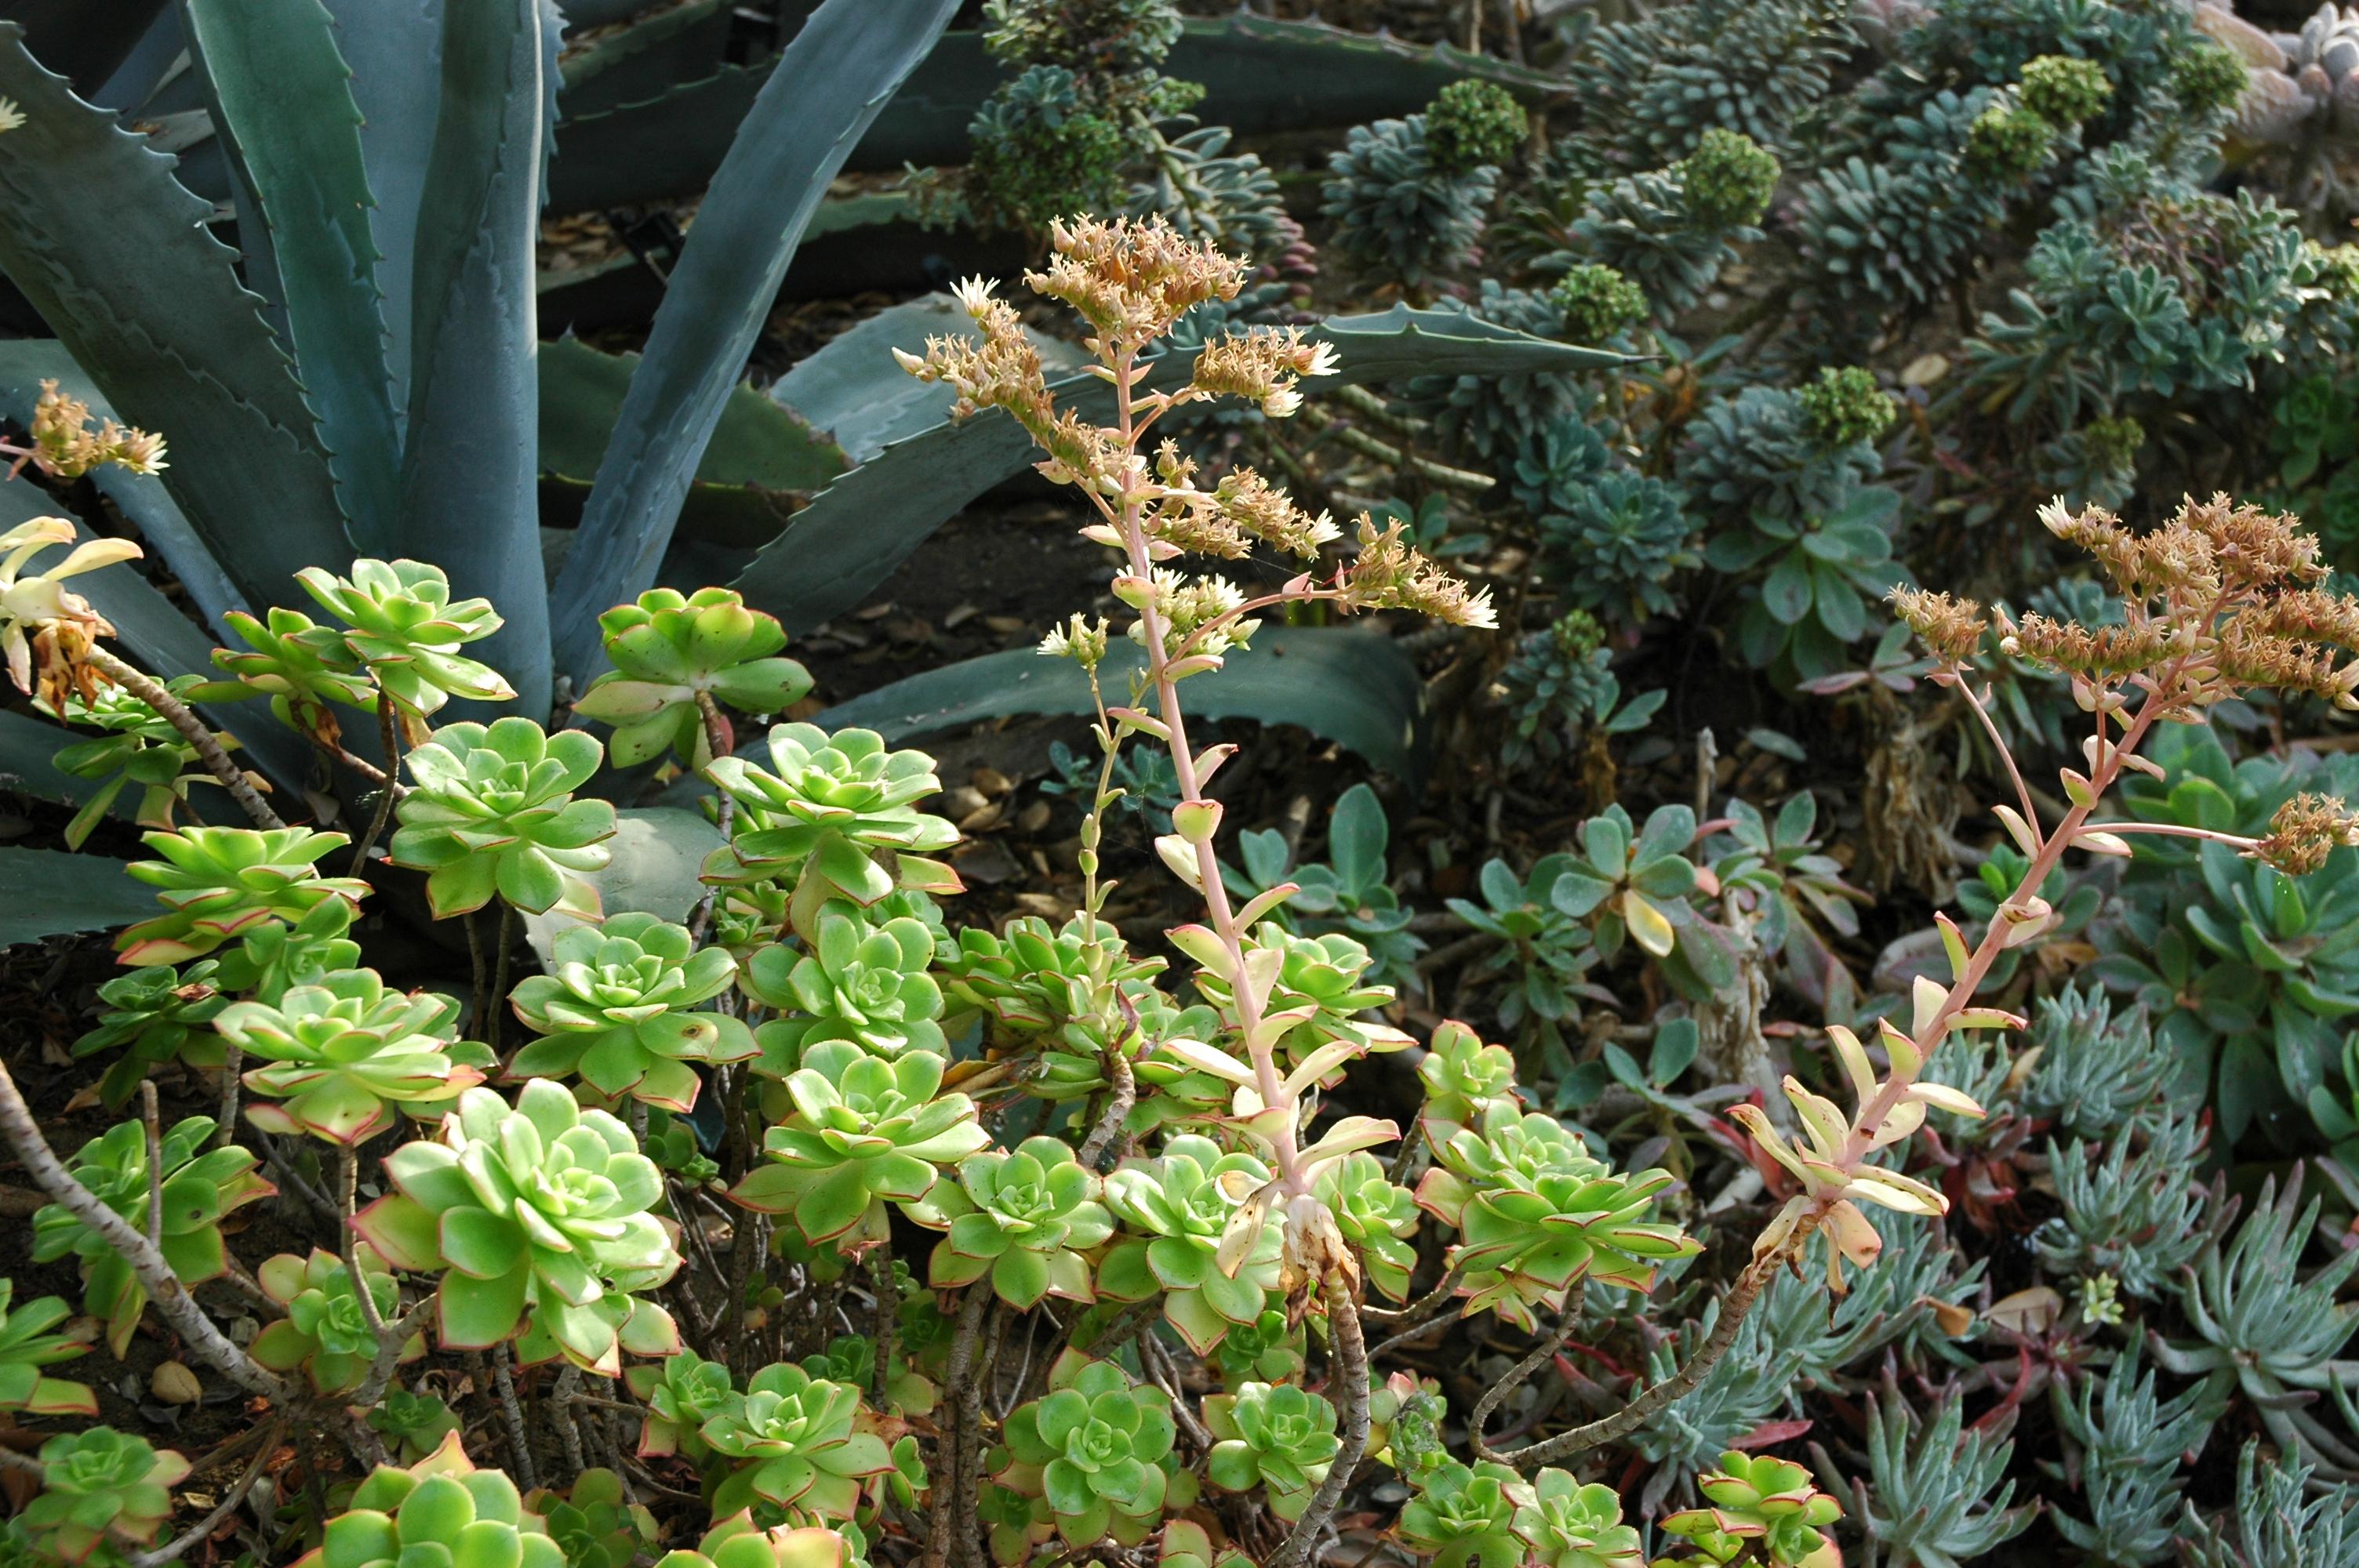 Meditation Garden Self Realization Fellowship Encinitas California Usa3435 Flickr Photo